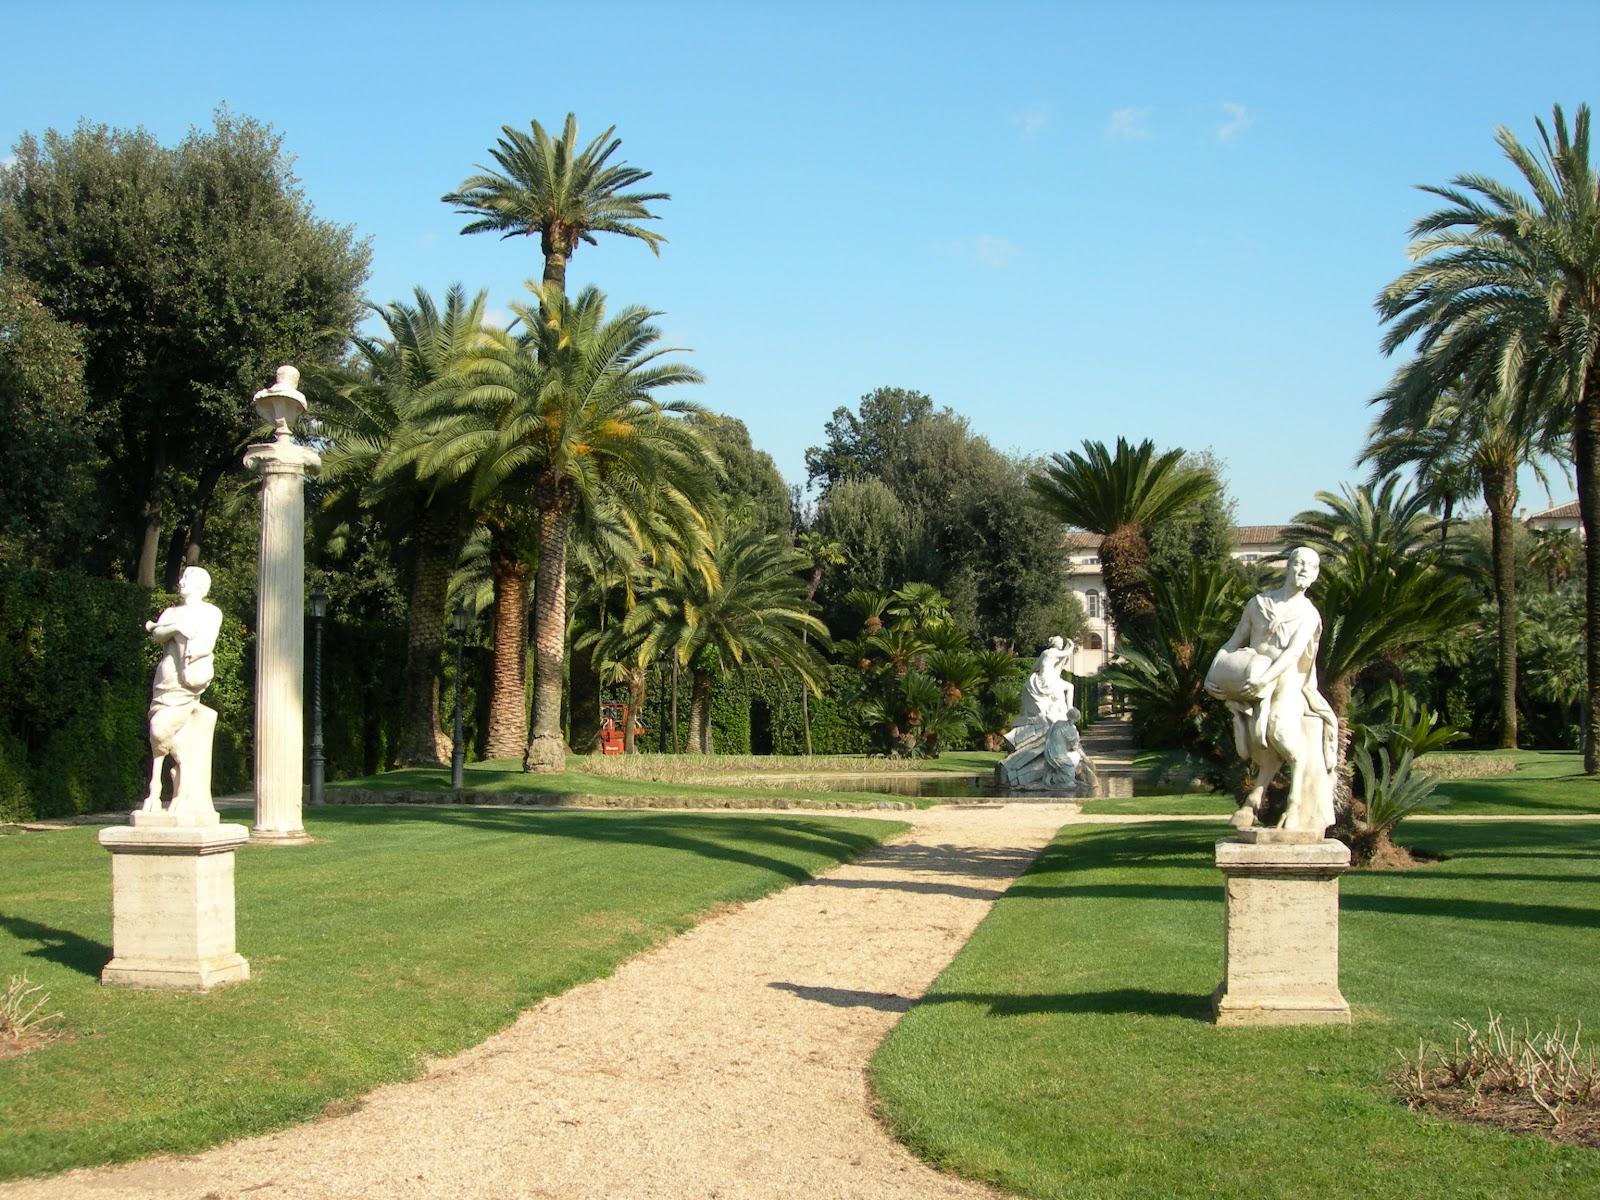 Bella questa italia - I giardini del quirinale ...